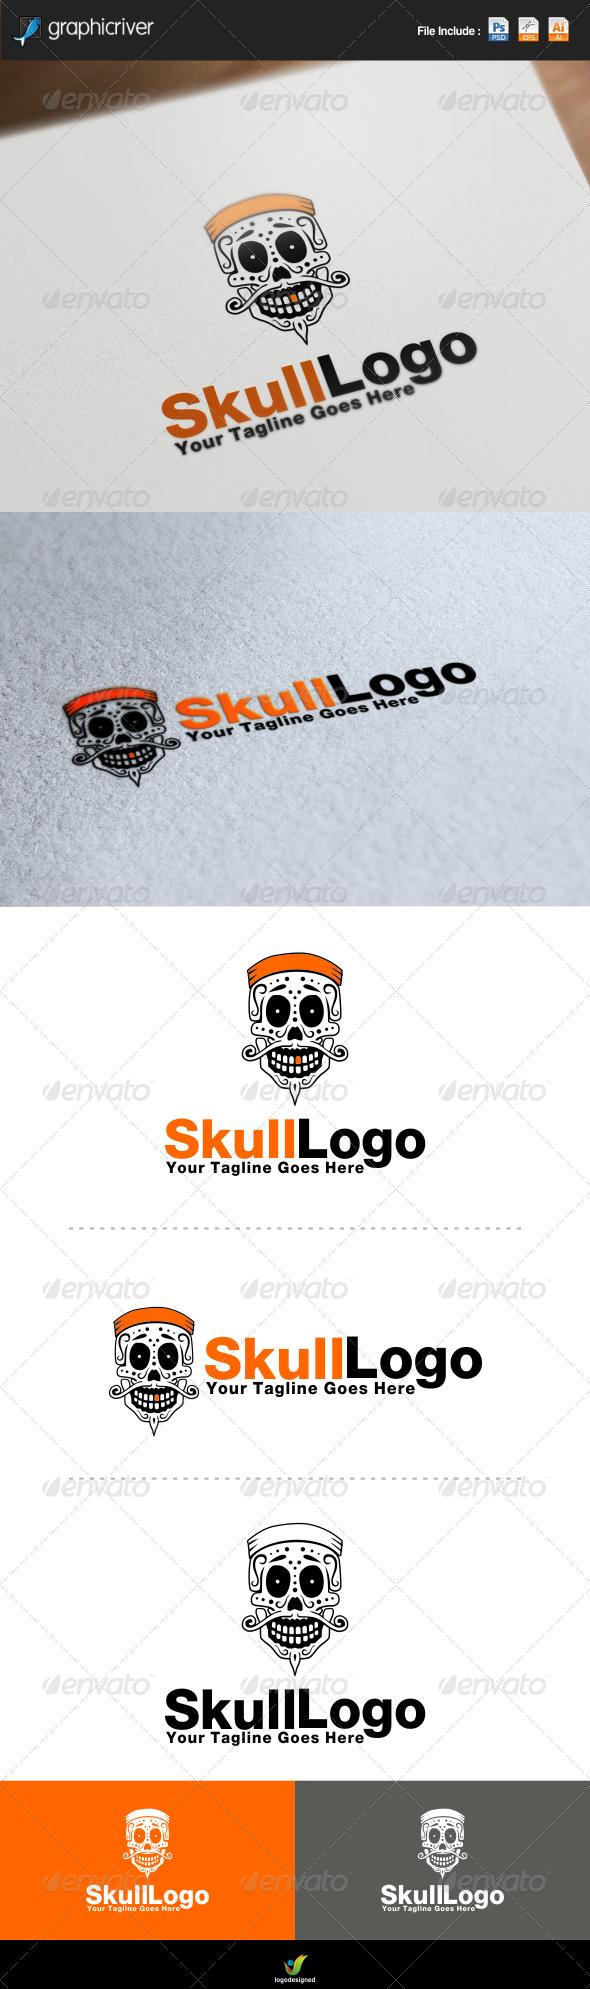 GraphicRiver Skull Logo 7652266